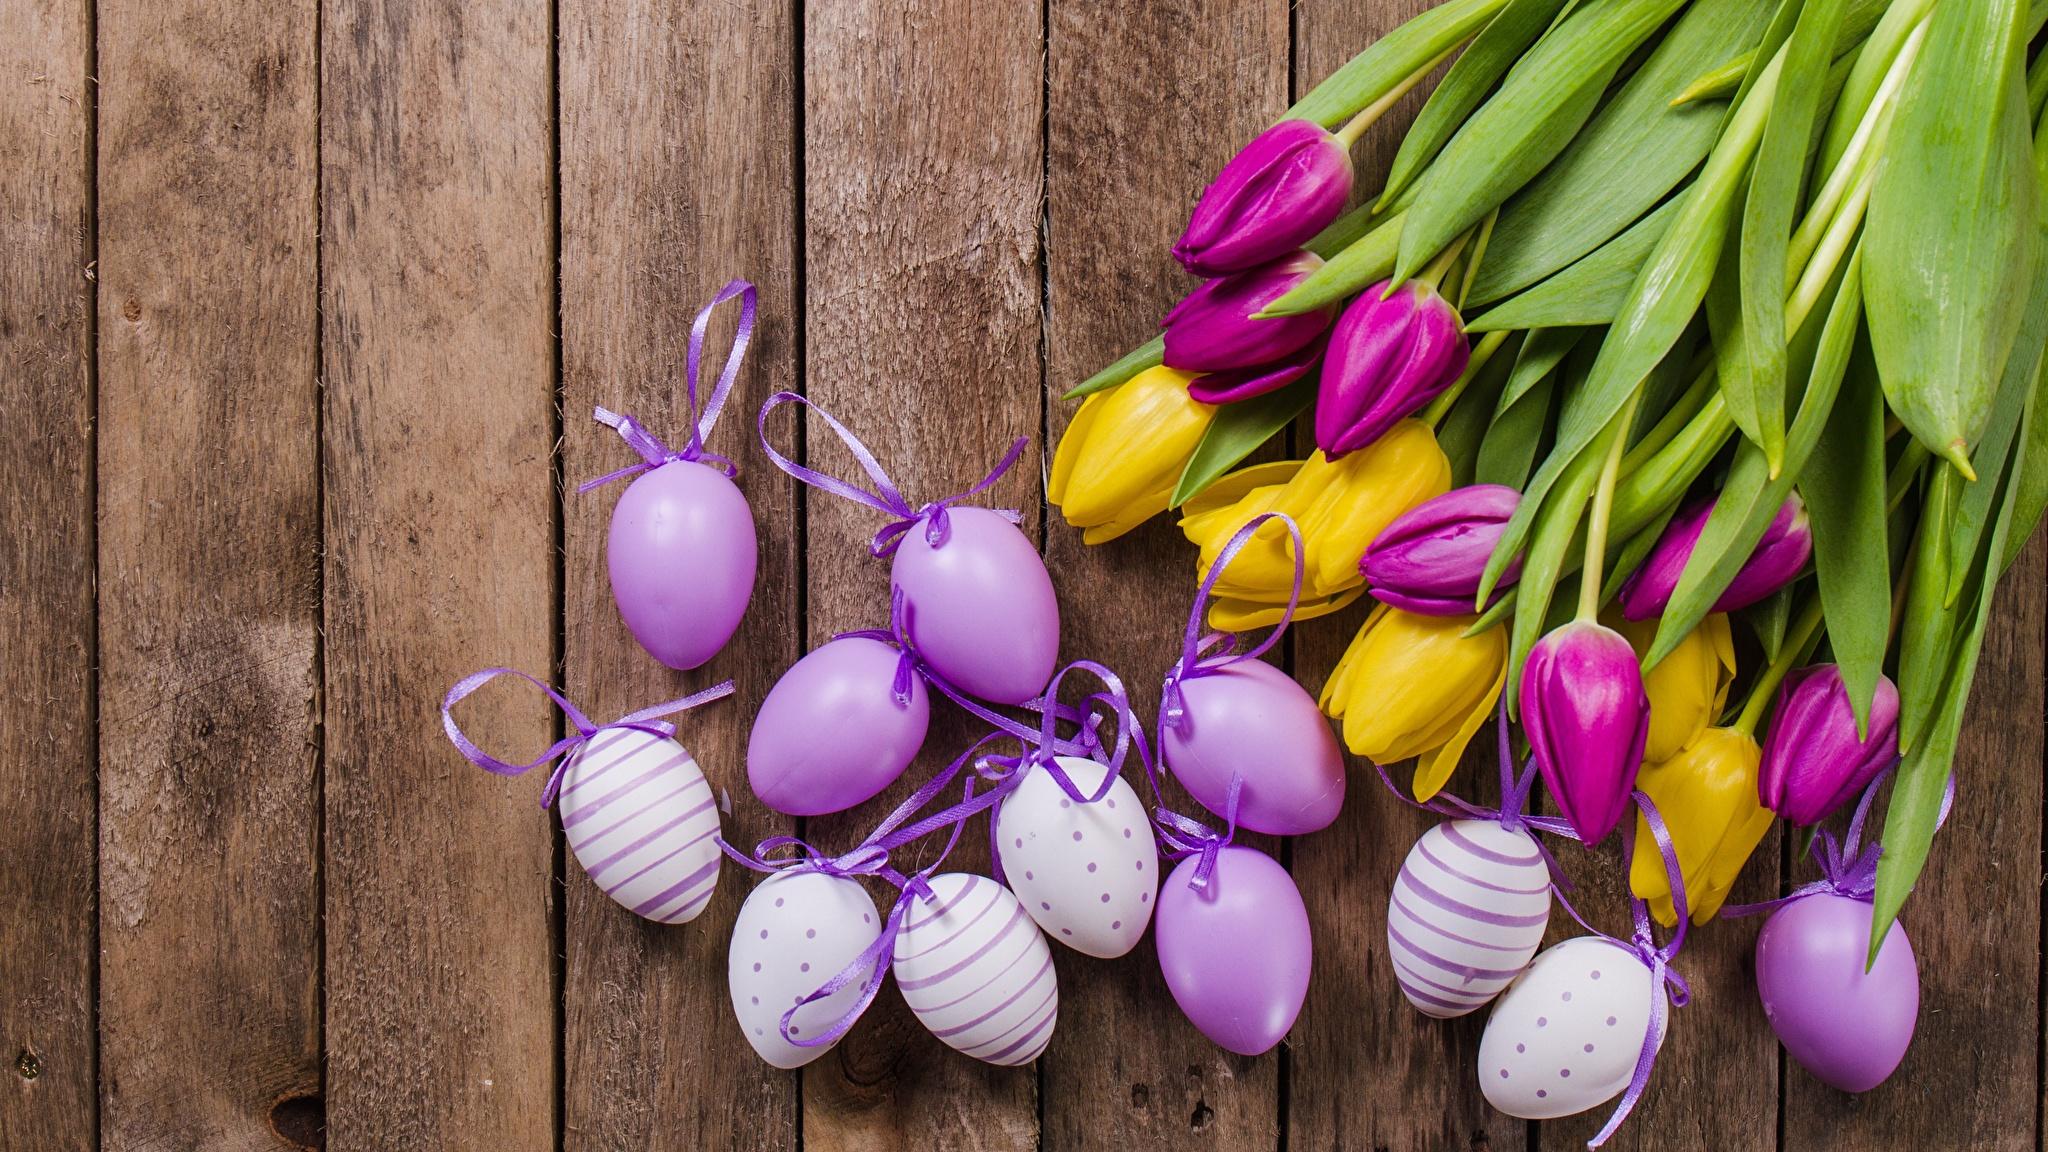 природа кролик цветы тюльпаны яйца пасха  № 271790 бесплатно